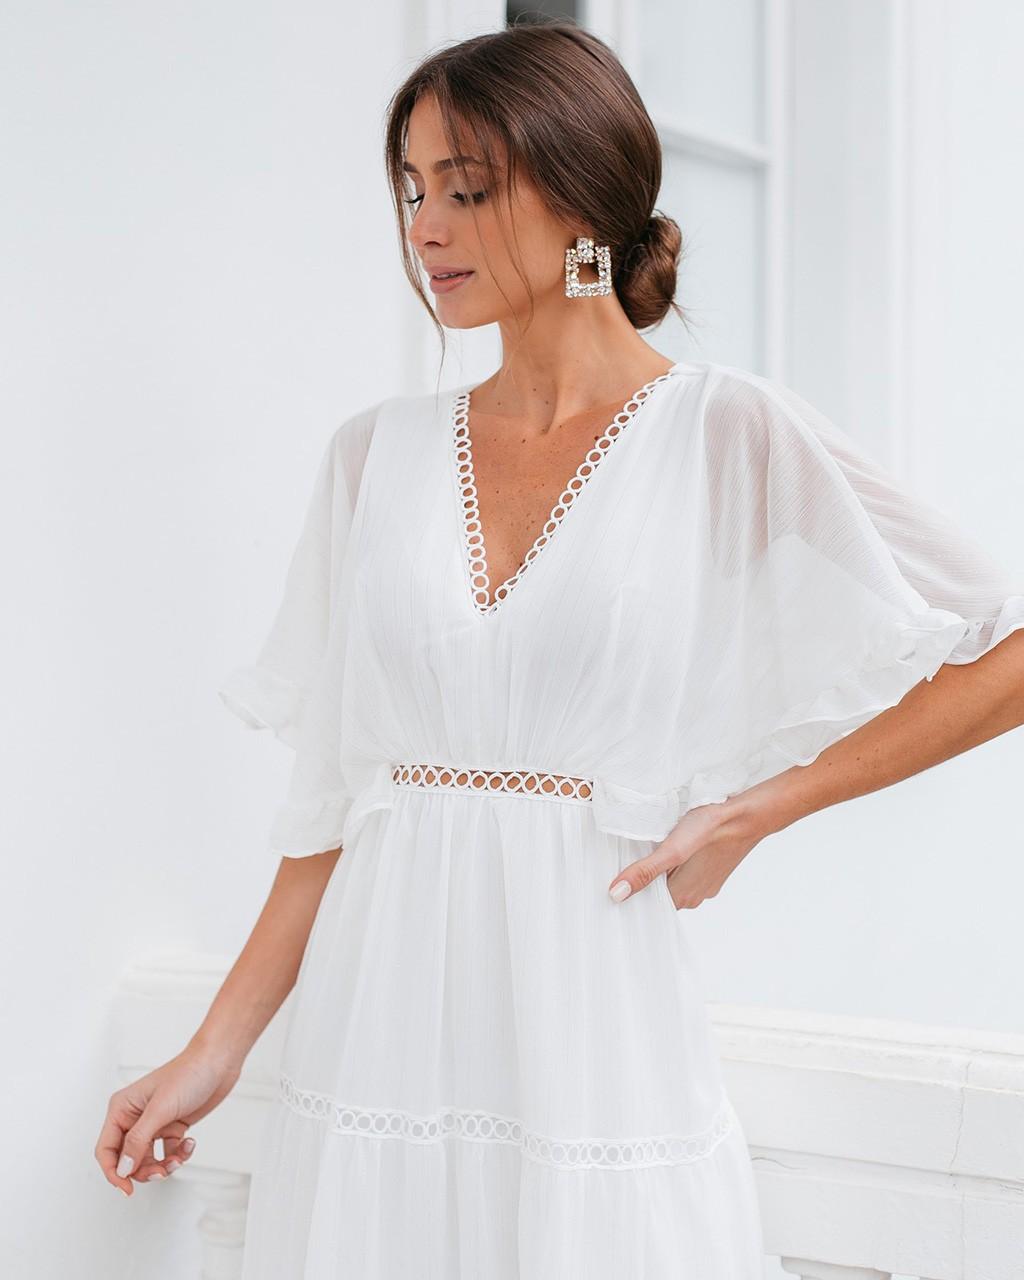 Vestido Samira  - Empório NM